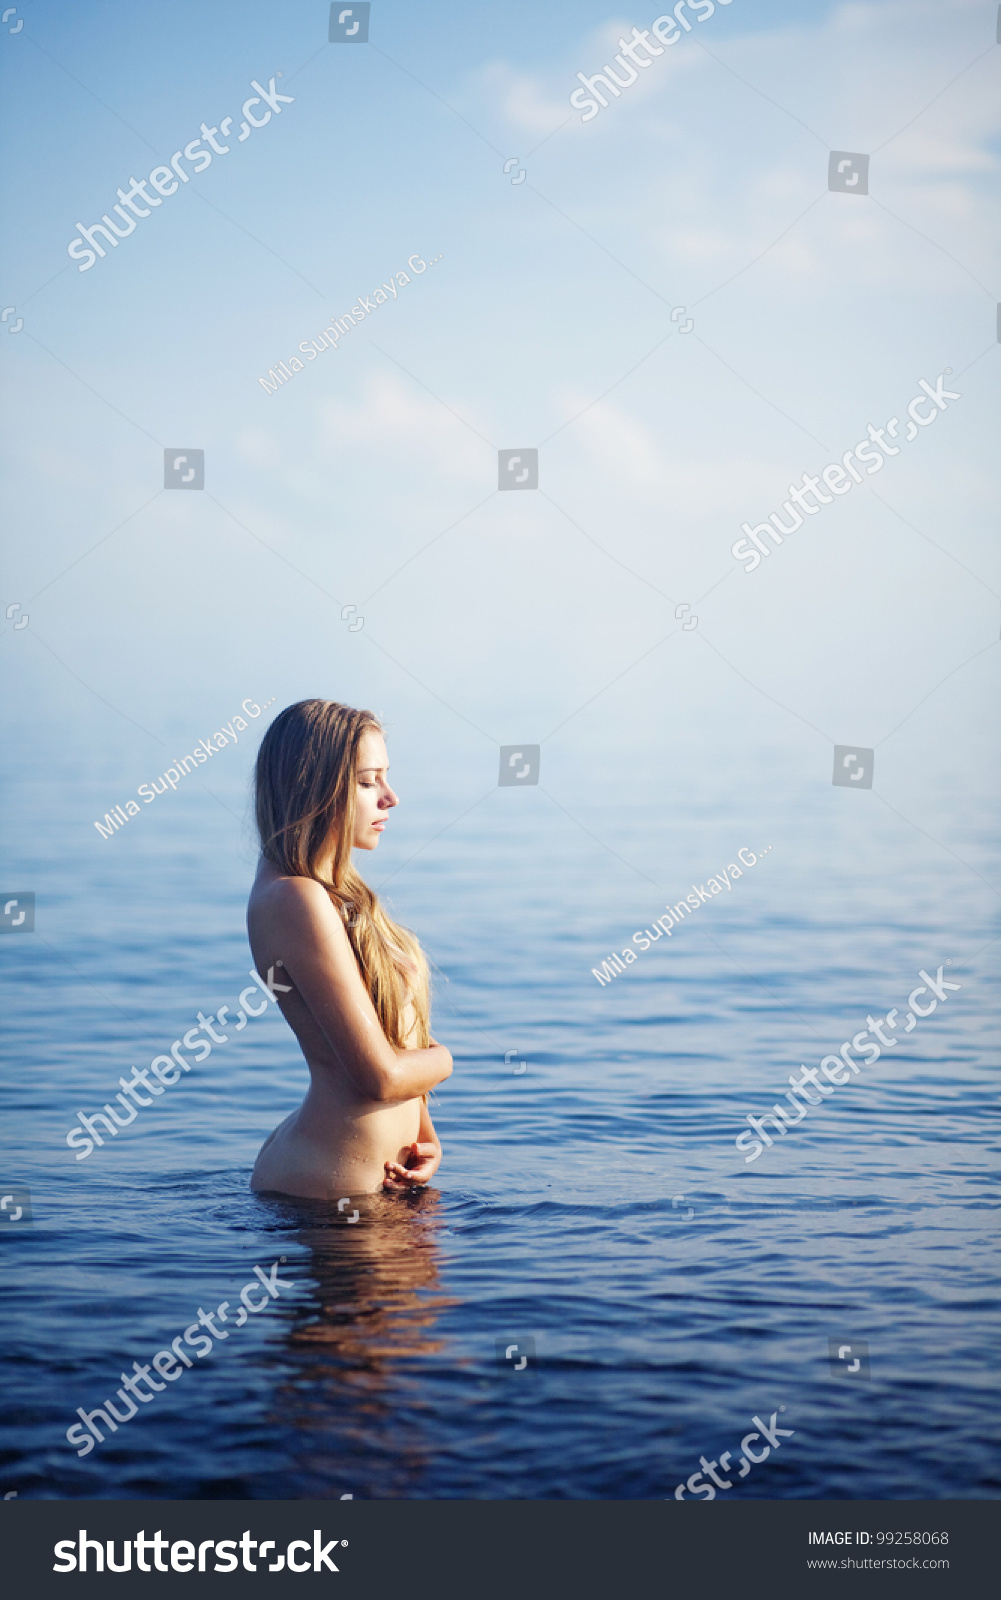 Nude beaches in bali